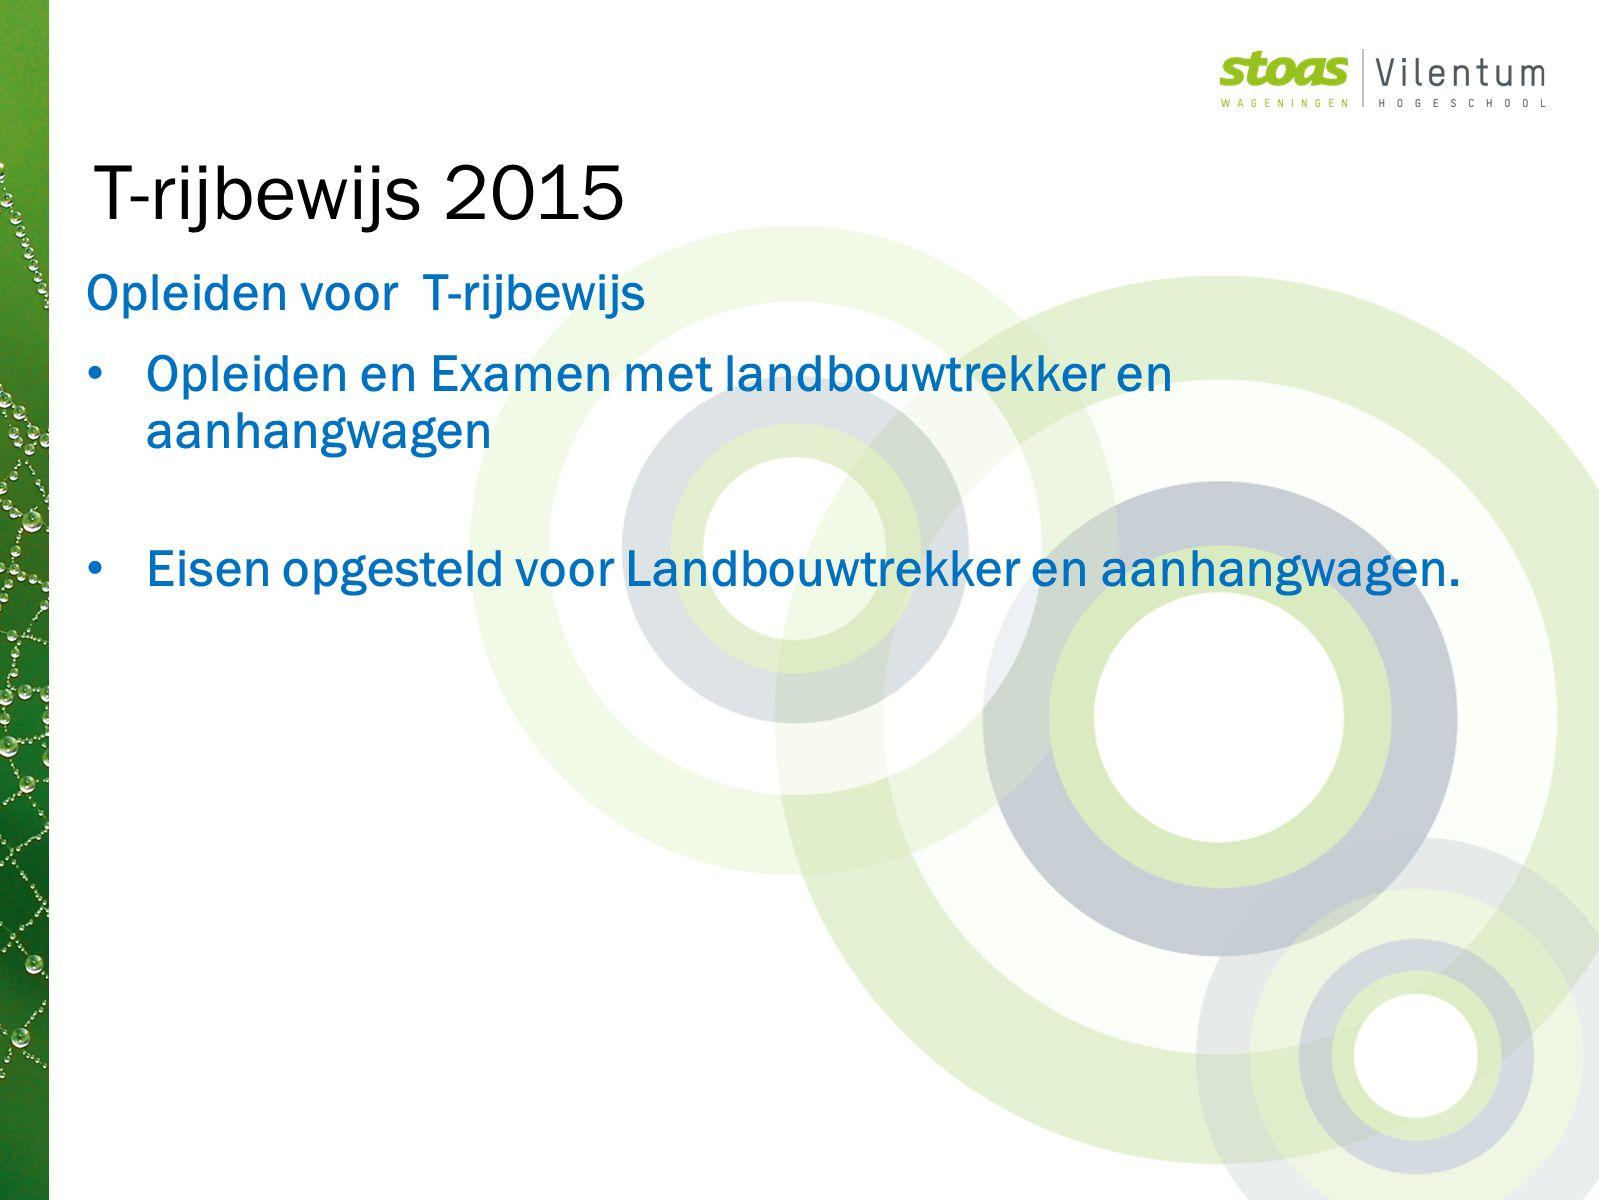 T-rijbewijs 2015 Opleiden voor T-rijbewijs